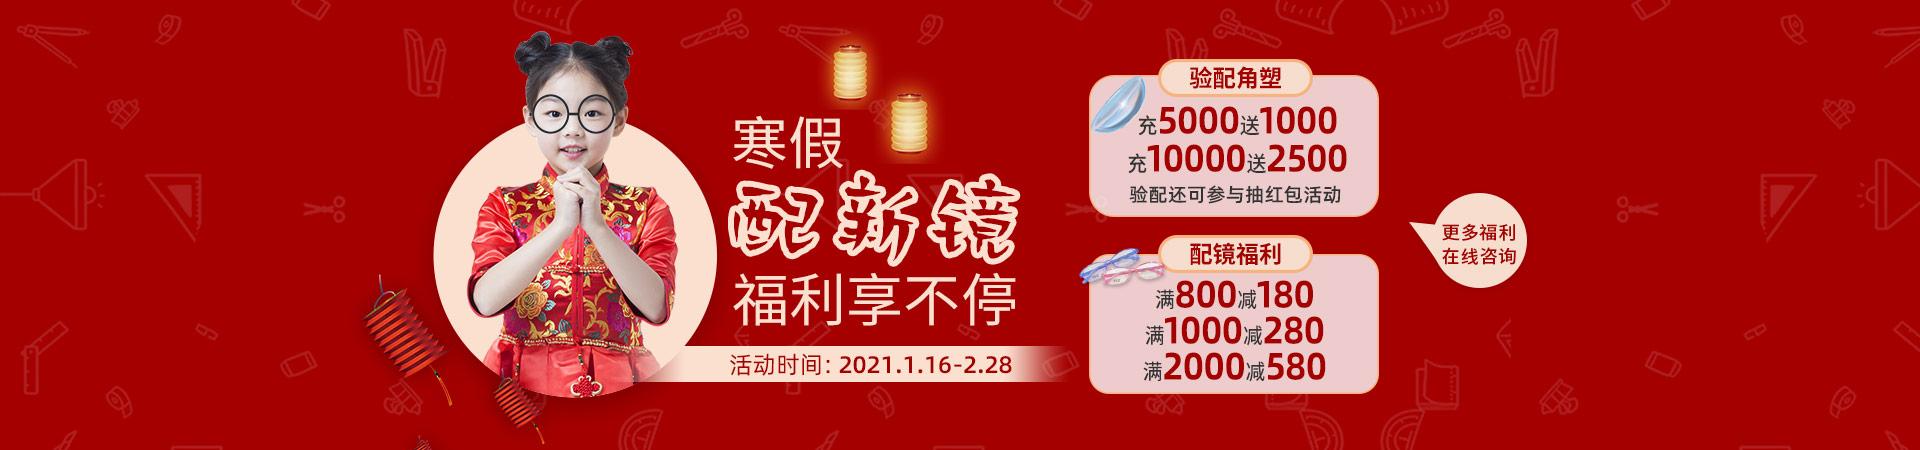 漳州配镜活动banner